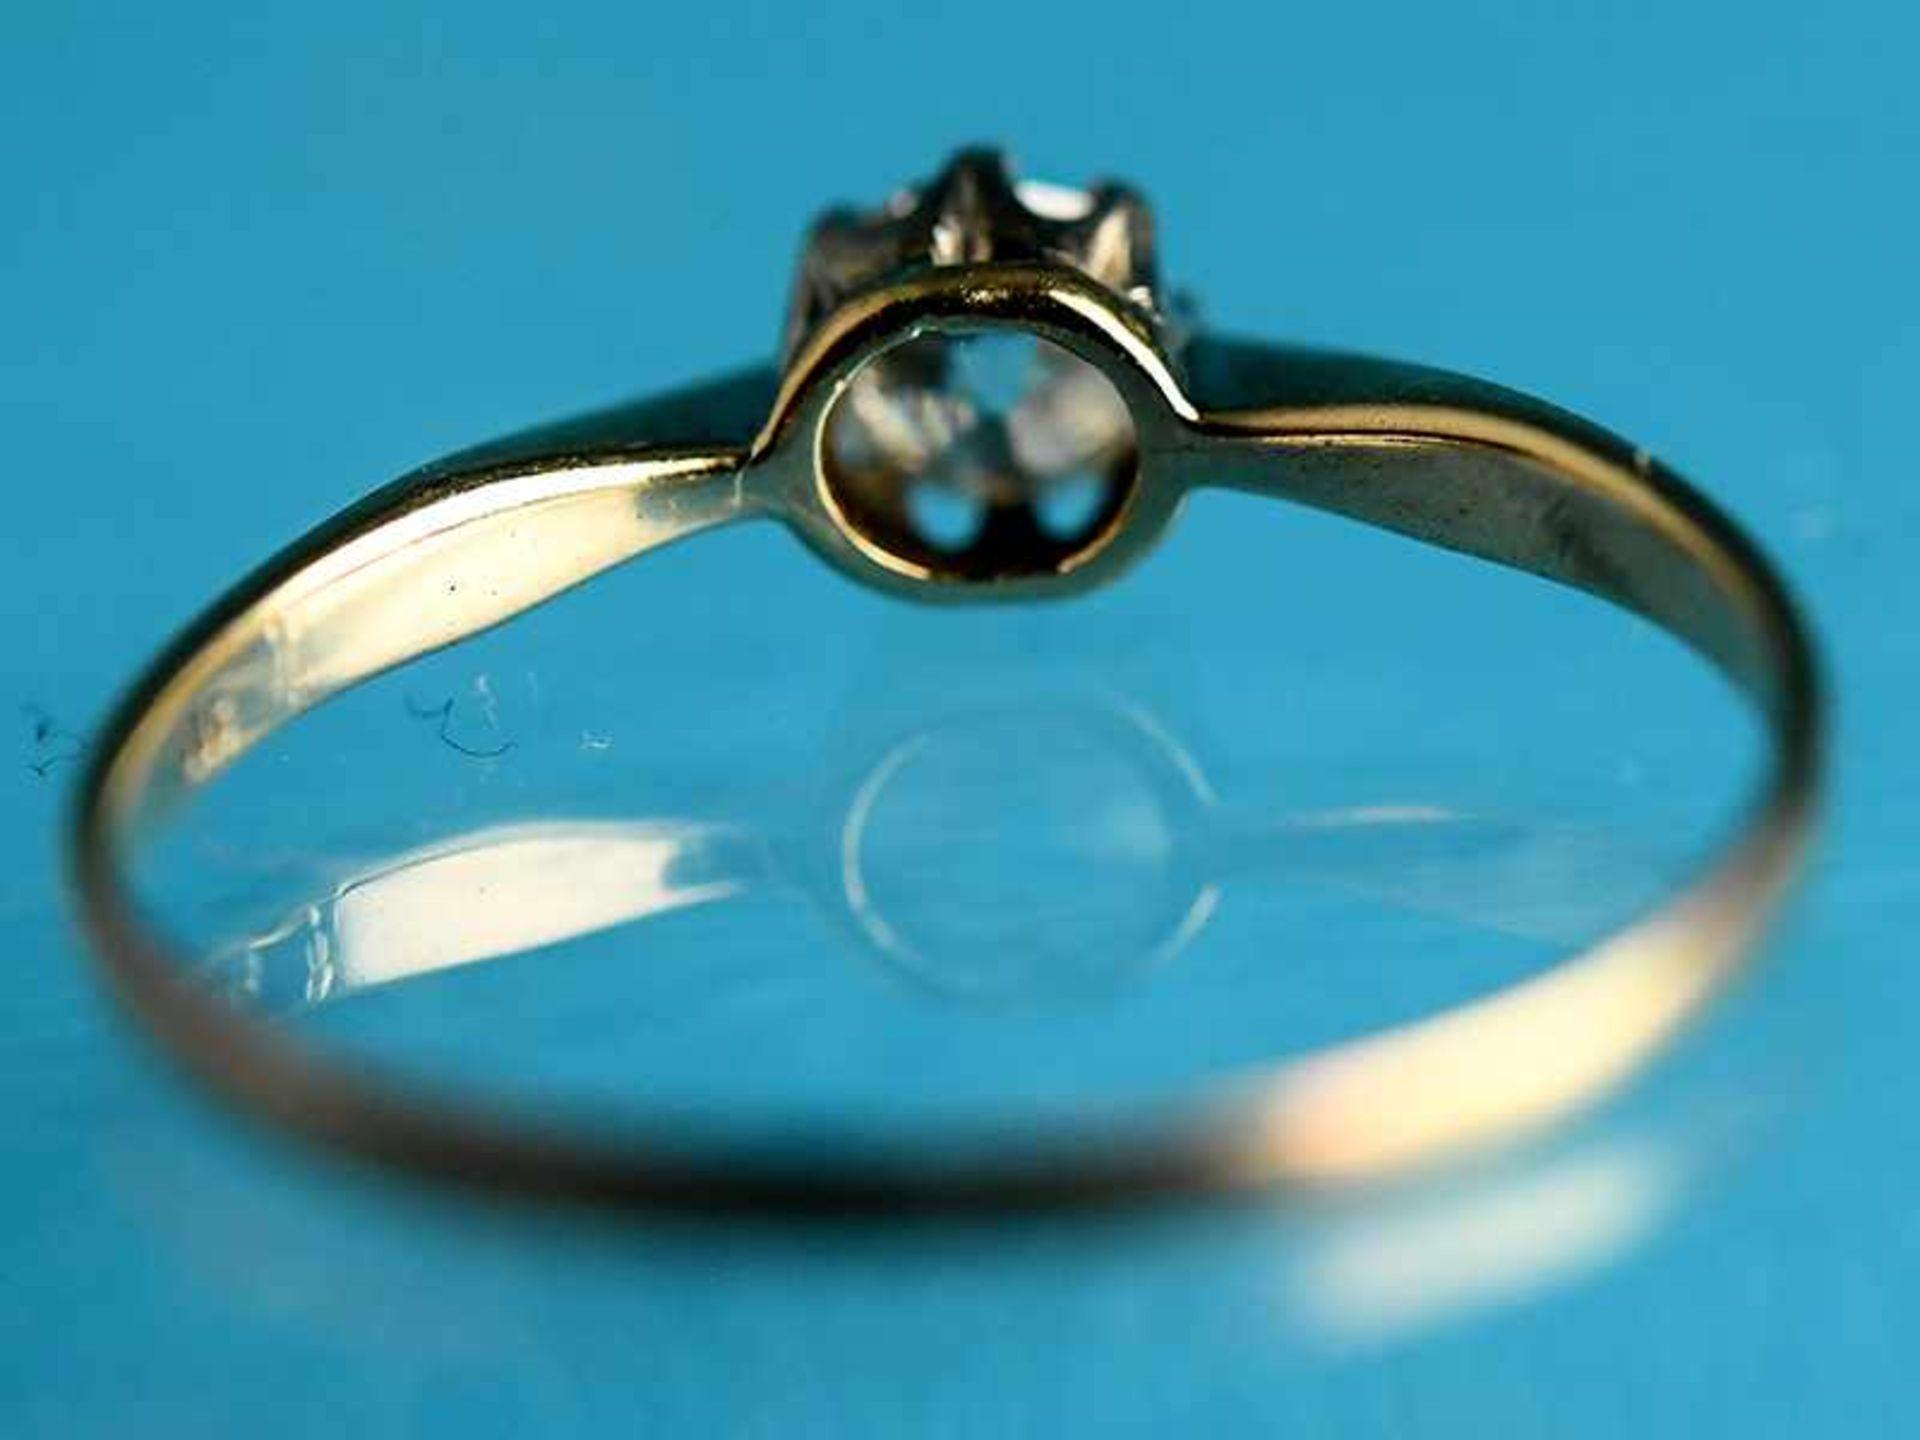 Ring mit Altschliff-Diamant ca. 0,4 ct, Anfang 20. Jh. 585/- Gelb- und Weißgold. Gesamtgewicht ca. - Bild 3 aus 4